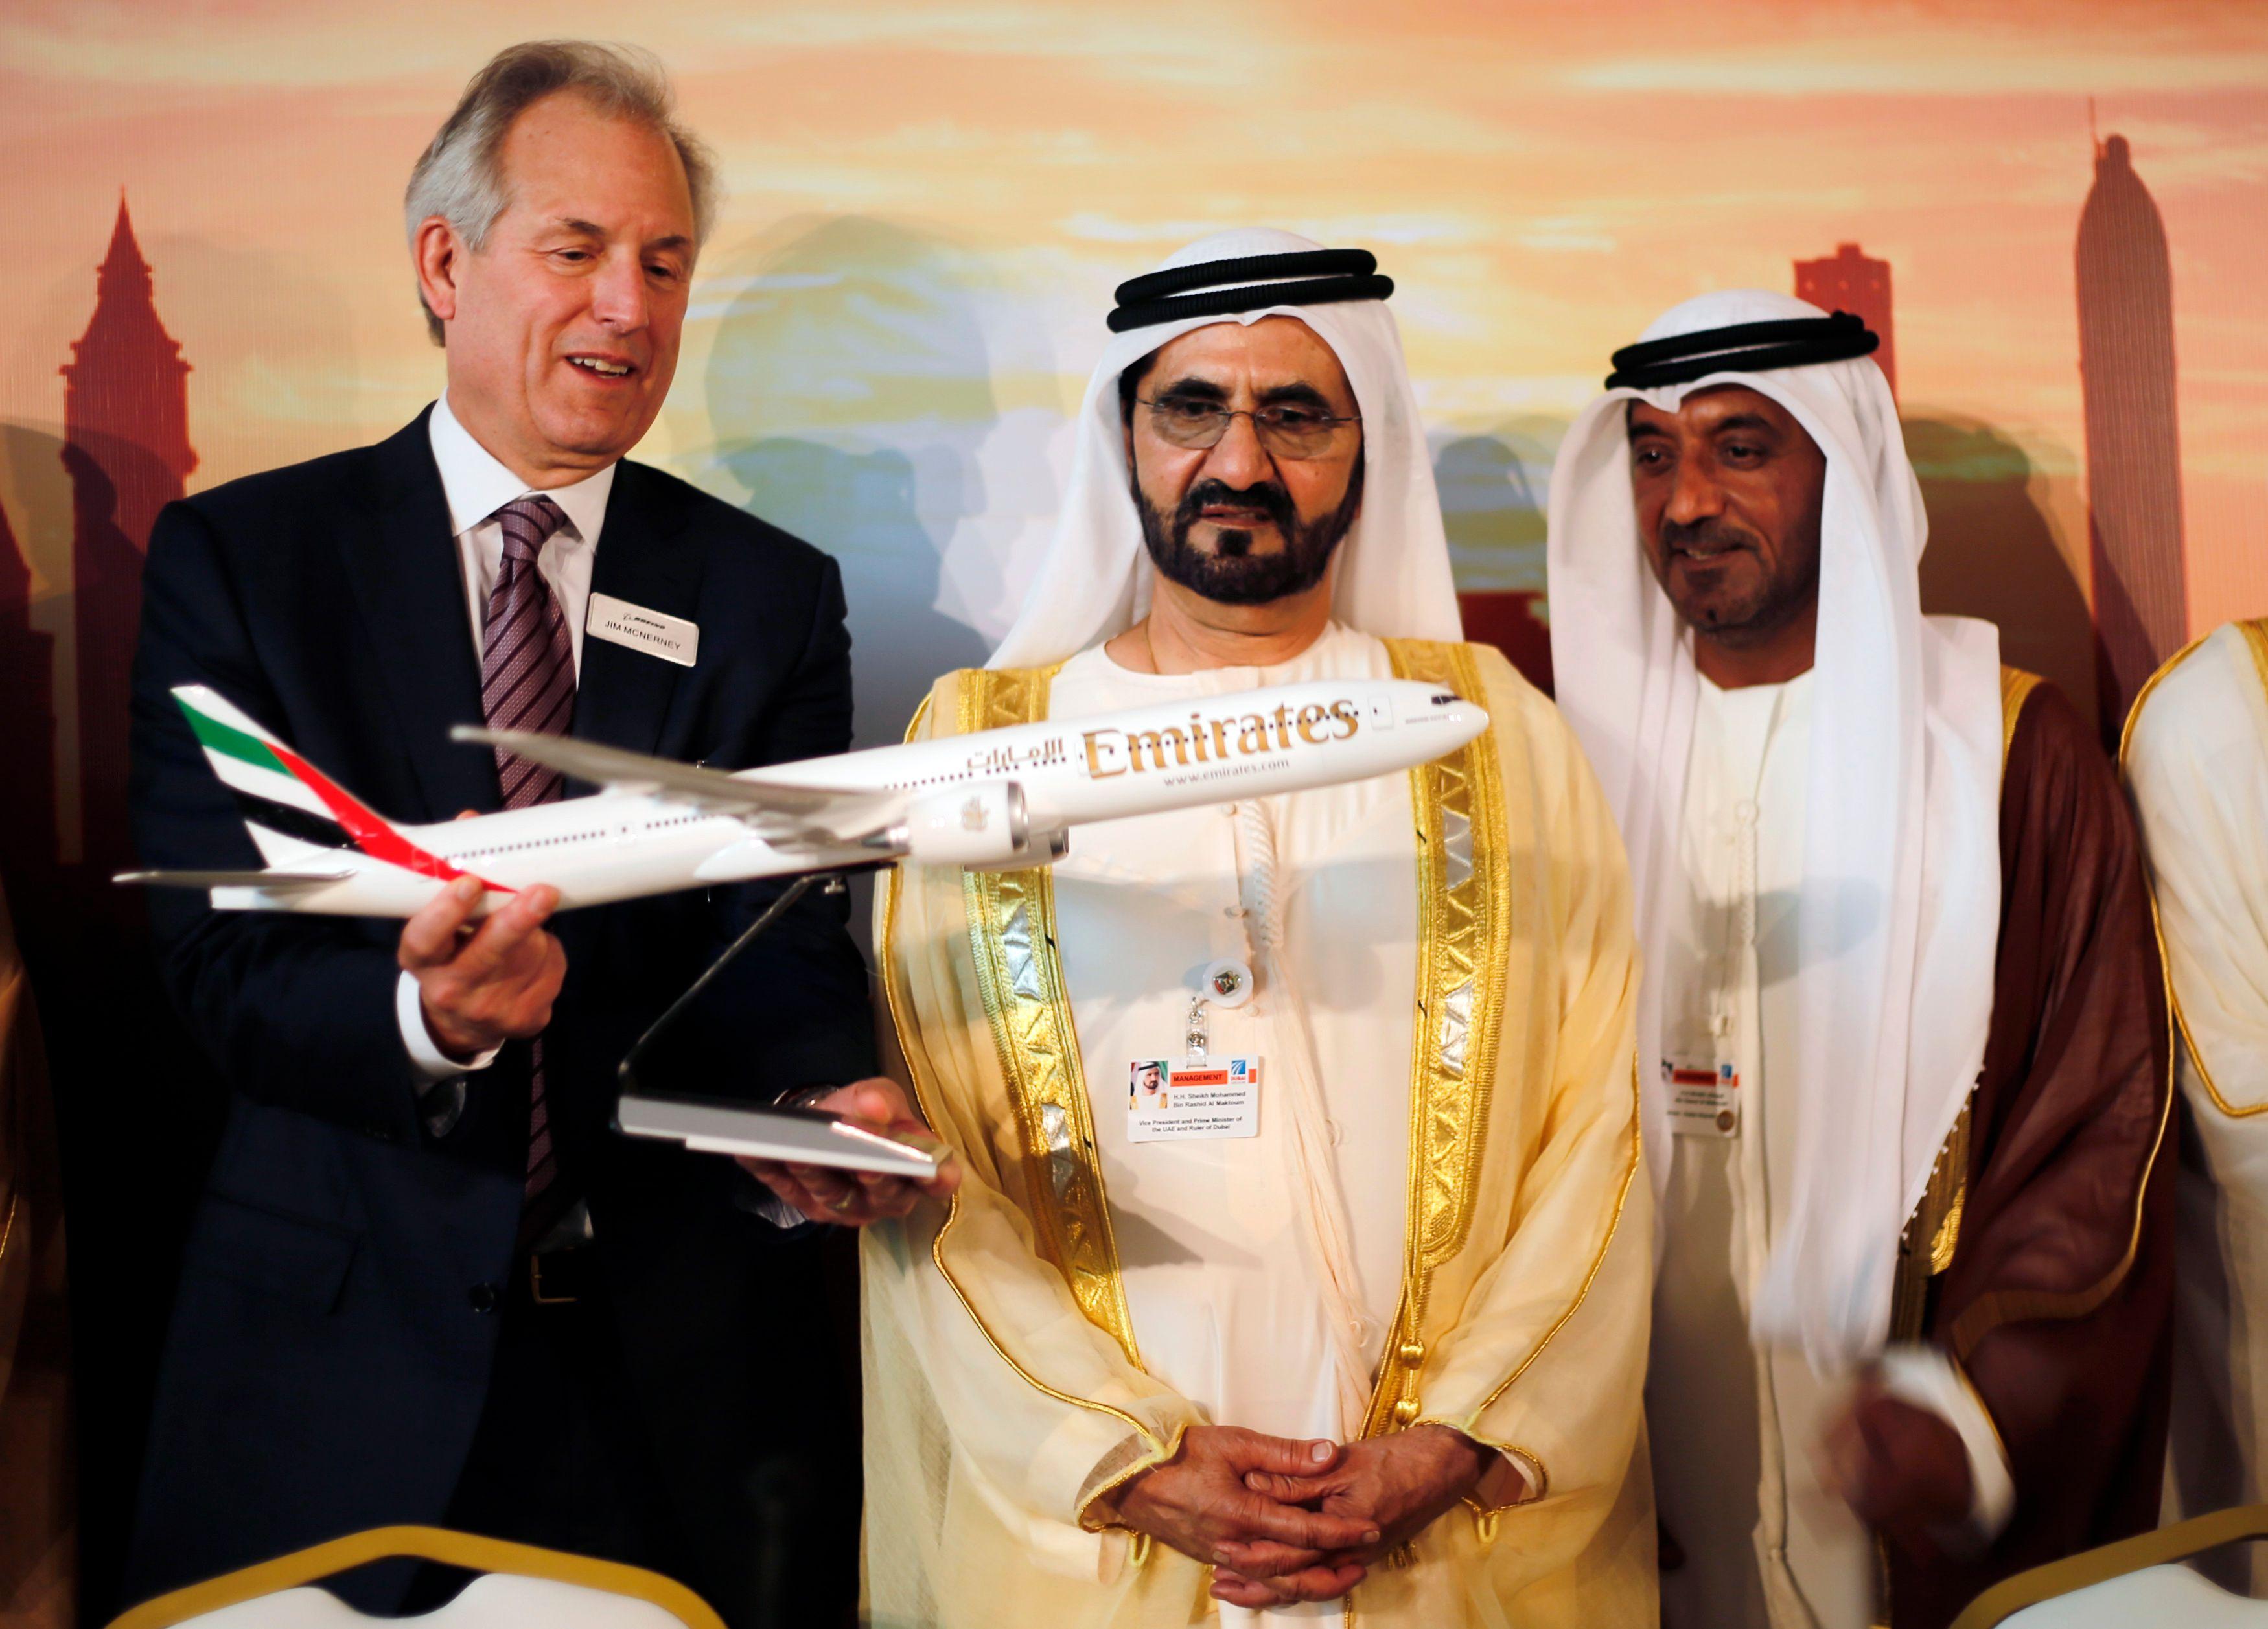 Au Salon de Dubaï, les qataris ont passé des commandes d'avion records, dont une à près de 100 milliards pour Emirates